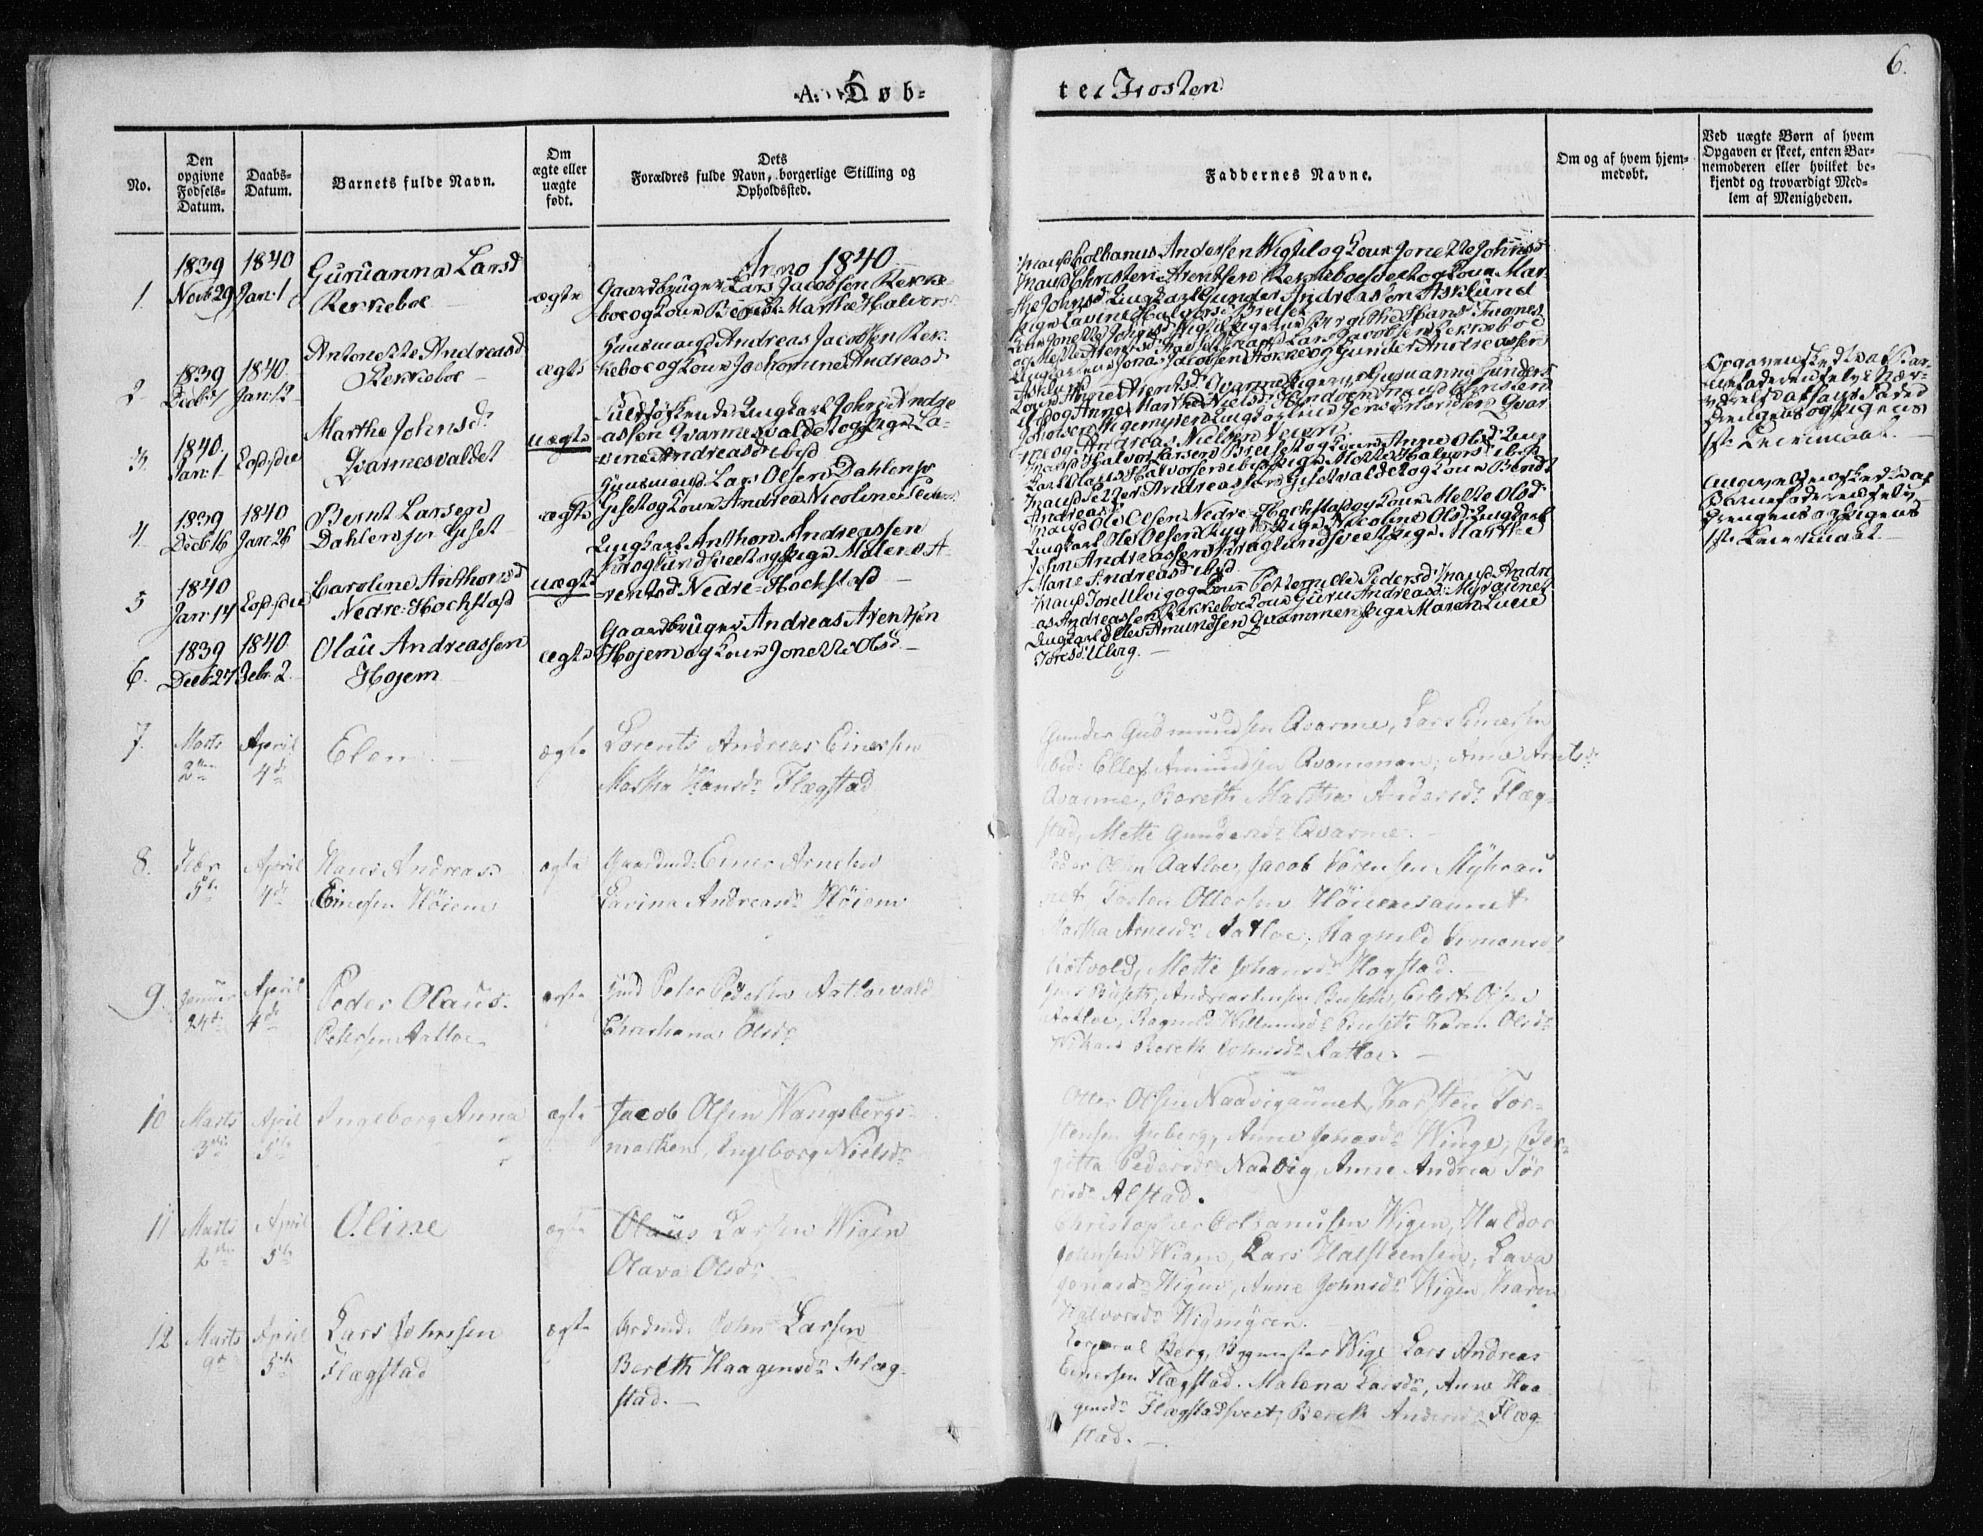 SAT, Ministerialprotokoller, klokkerbøker og fødselsregistre - Nord-Trøndelag, 713/L0115: Ministerialbok nr. 713A06, 1838-1851, s. 6